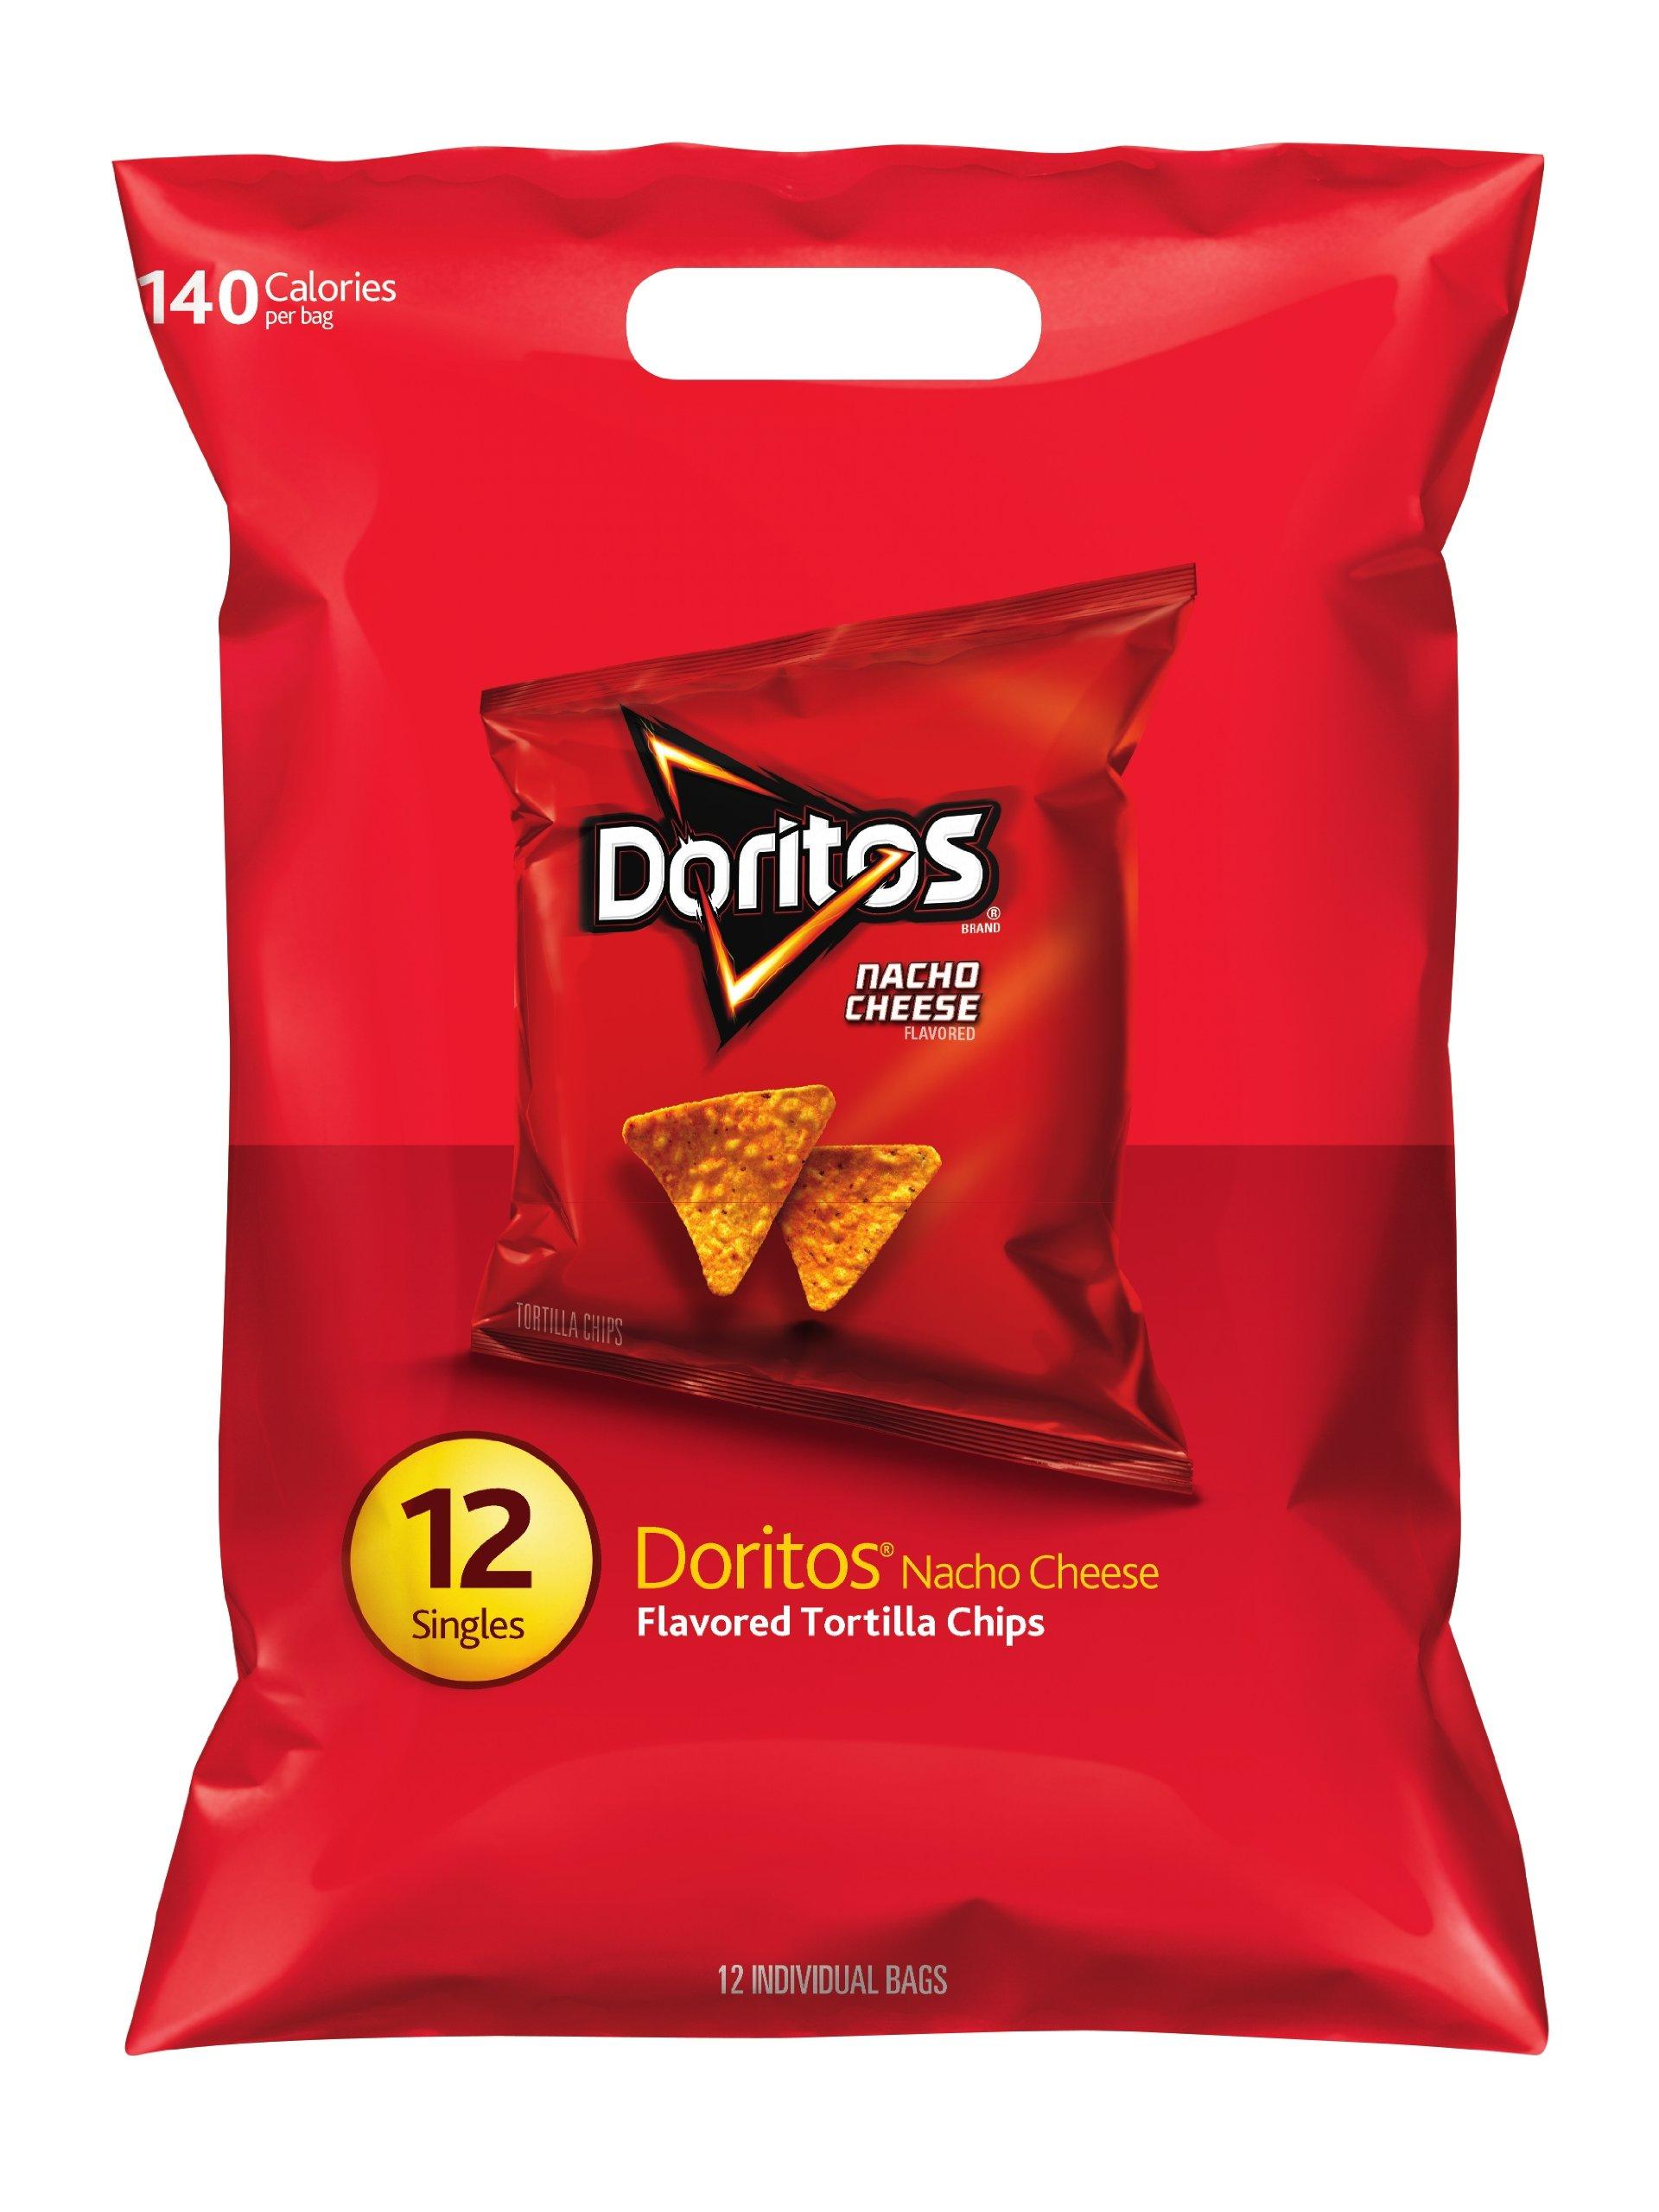 12Count Doritos Nacho Cheese Pack, 12 Oz by Doritos